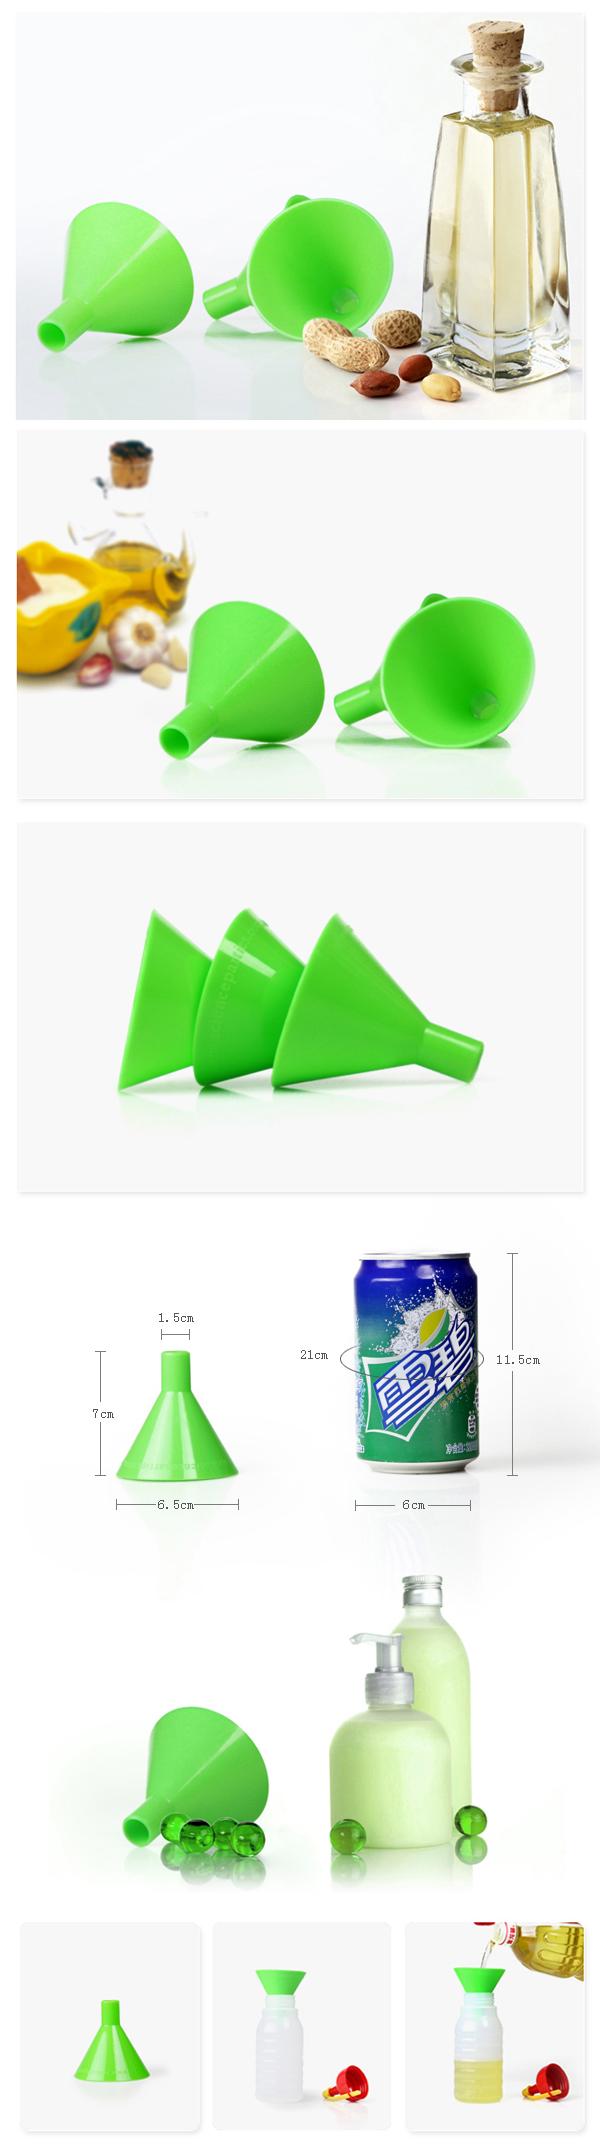 Как сделать воронку для бутылки